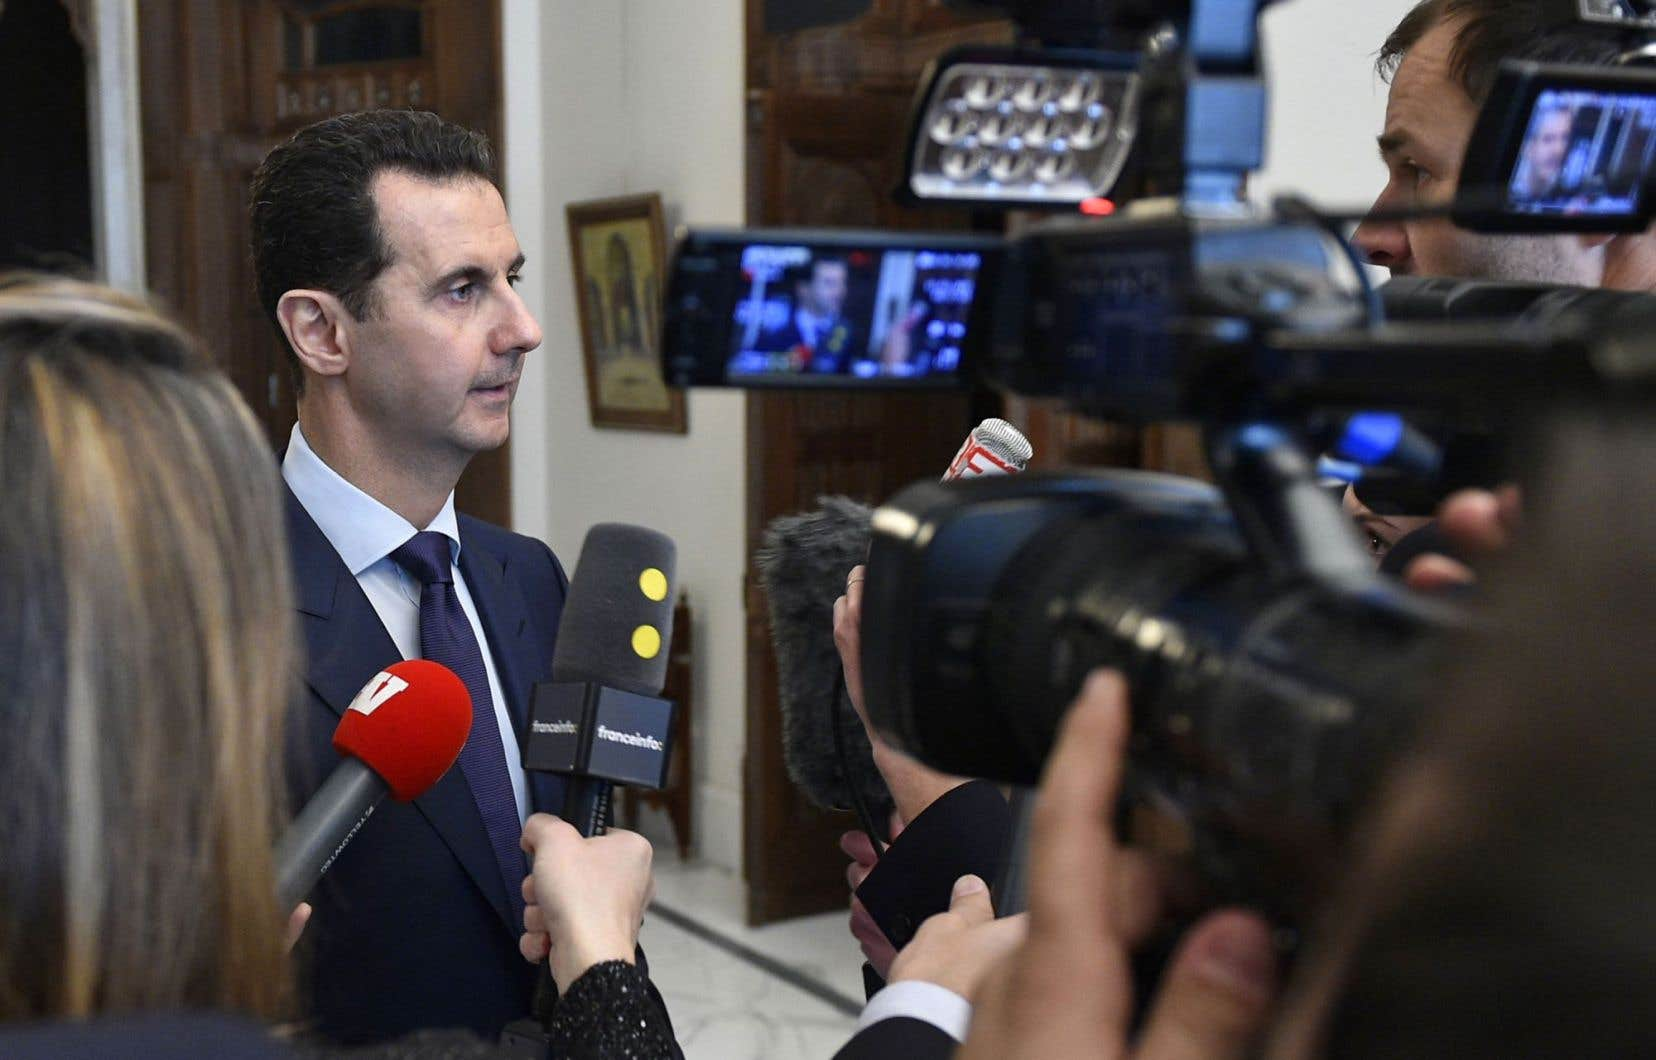 Le président syrien, Bachar al-Assad, a accordé des entrevues à certains médias français, ces derniers jours, dans lesquelles il évoque le cours de la guerre et les négociations avec l'opposition.